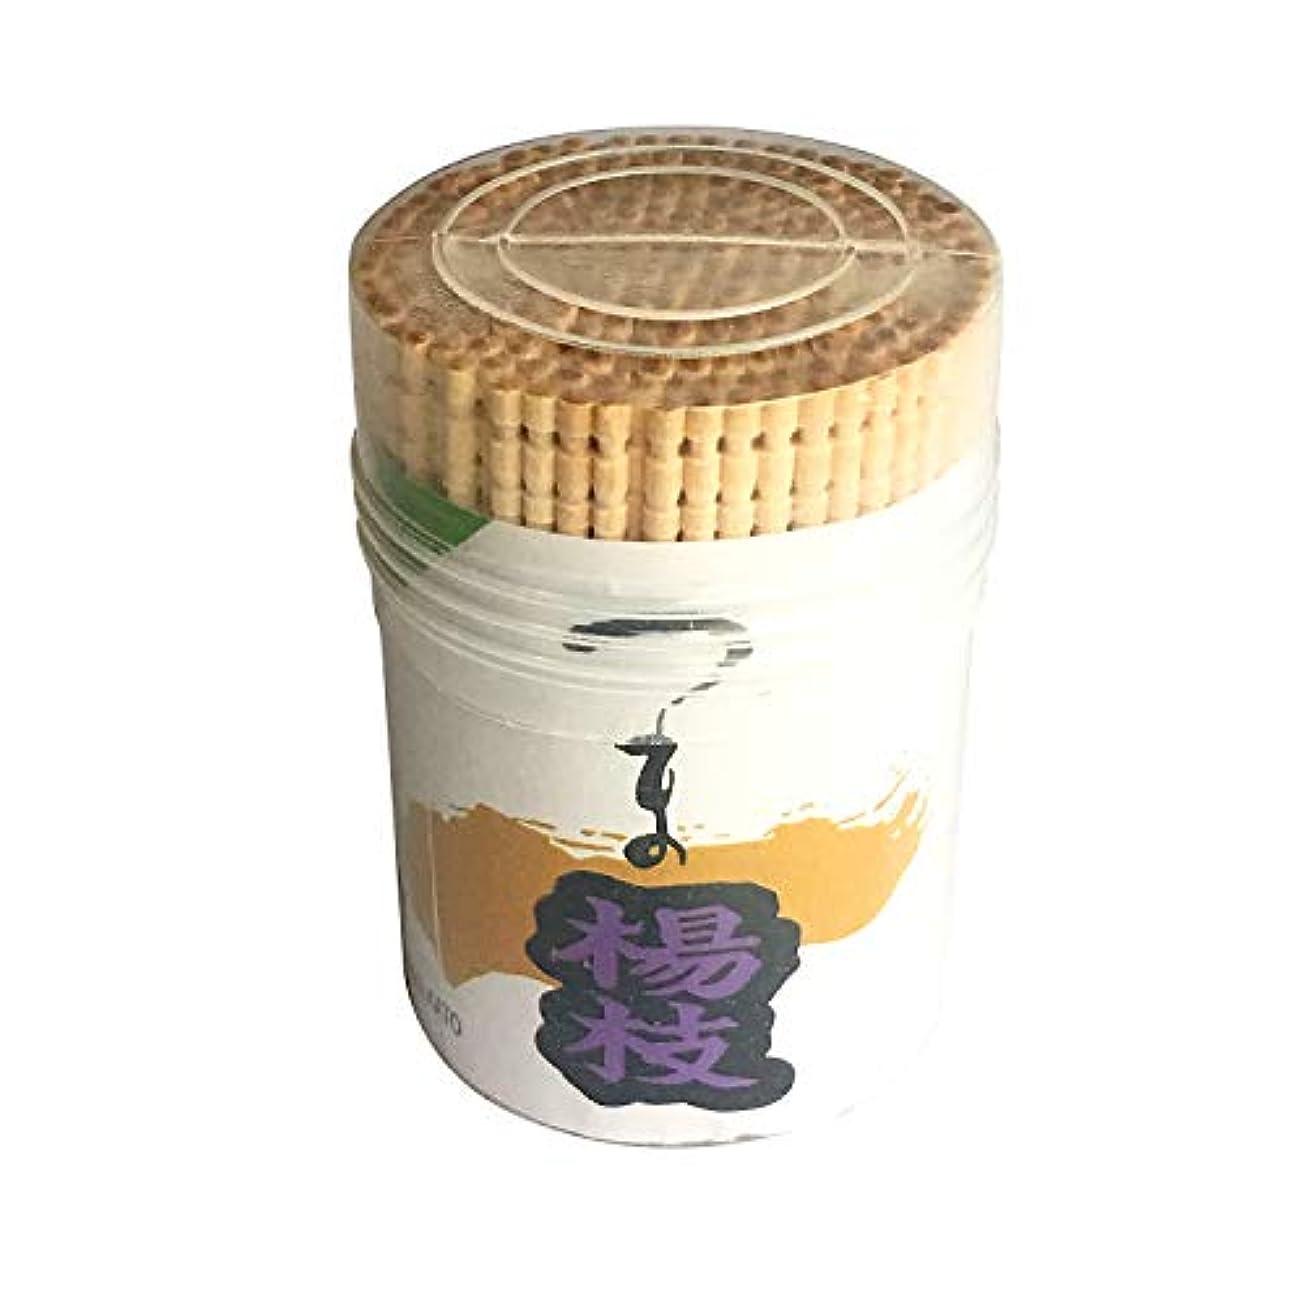 法的終点絶滅させる山下工芸(Yamasita craft) つま楊枝 40号 B 39651000